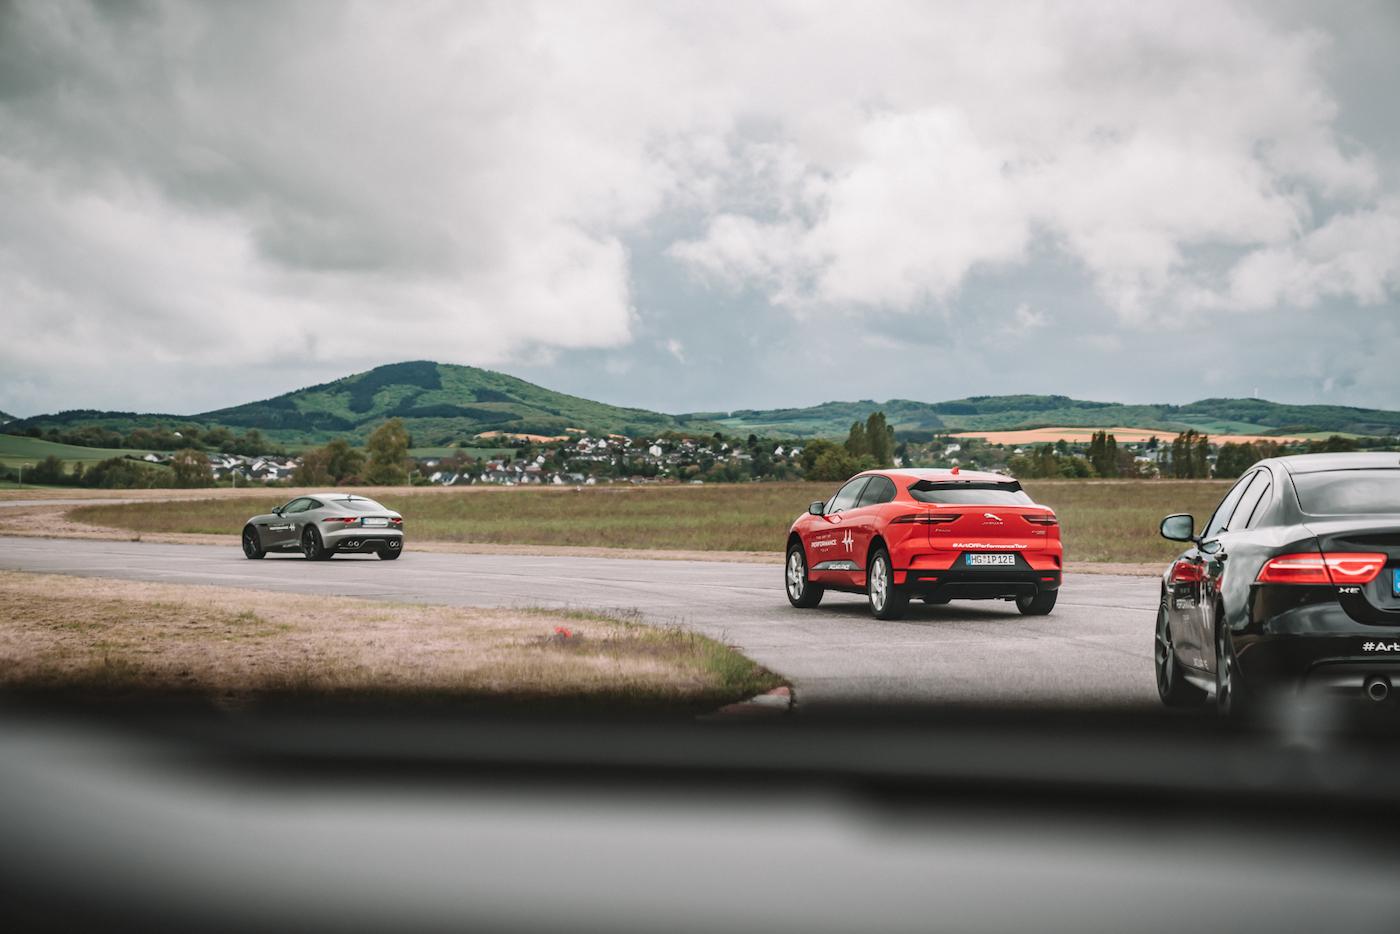 Die Jaguar Art of Performance Tour: Ein einzigartiges Fahrerlebnis auf einem Flugplatz 4